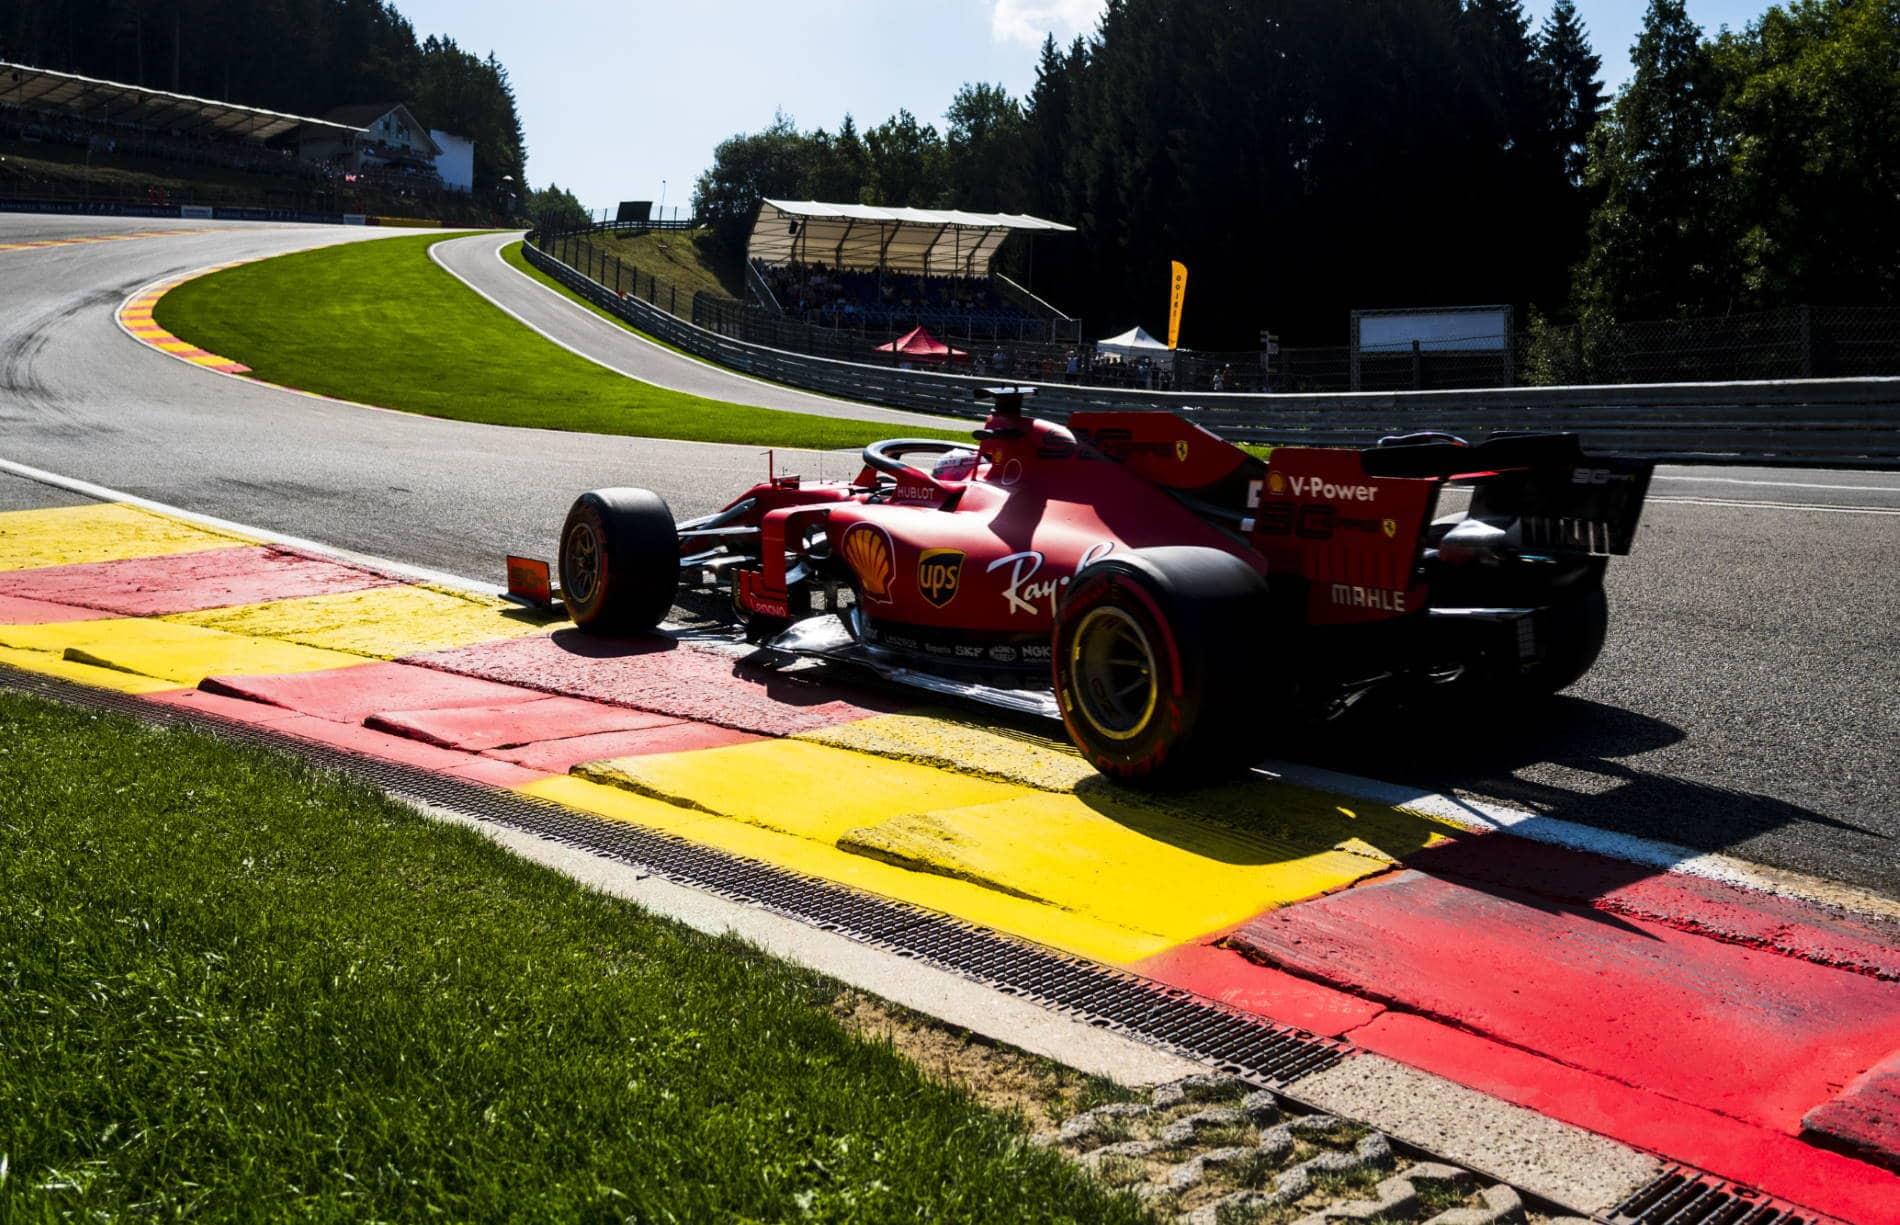 Charles Leclerc Ferrari Belgian GP F1 2019 Eau Rouge Photo Ferrari